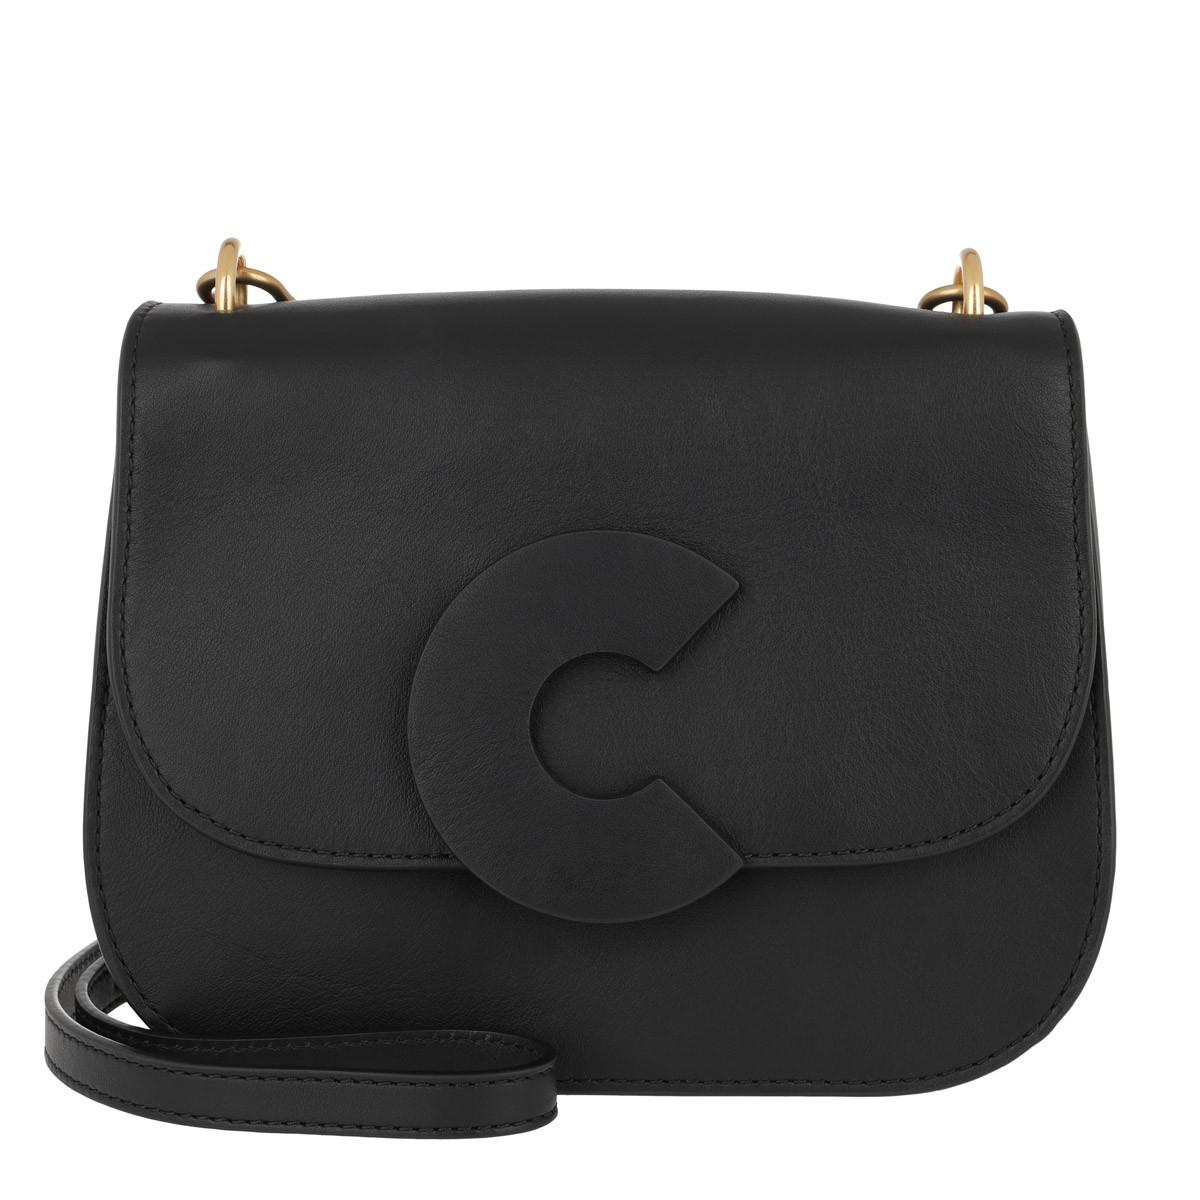 Coccinelle Umhängetasche - Craquante Smooth Medium Crossbody Bag Noir - in schwarz - für Damen